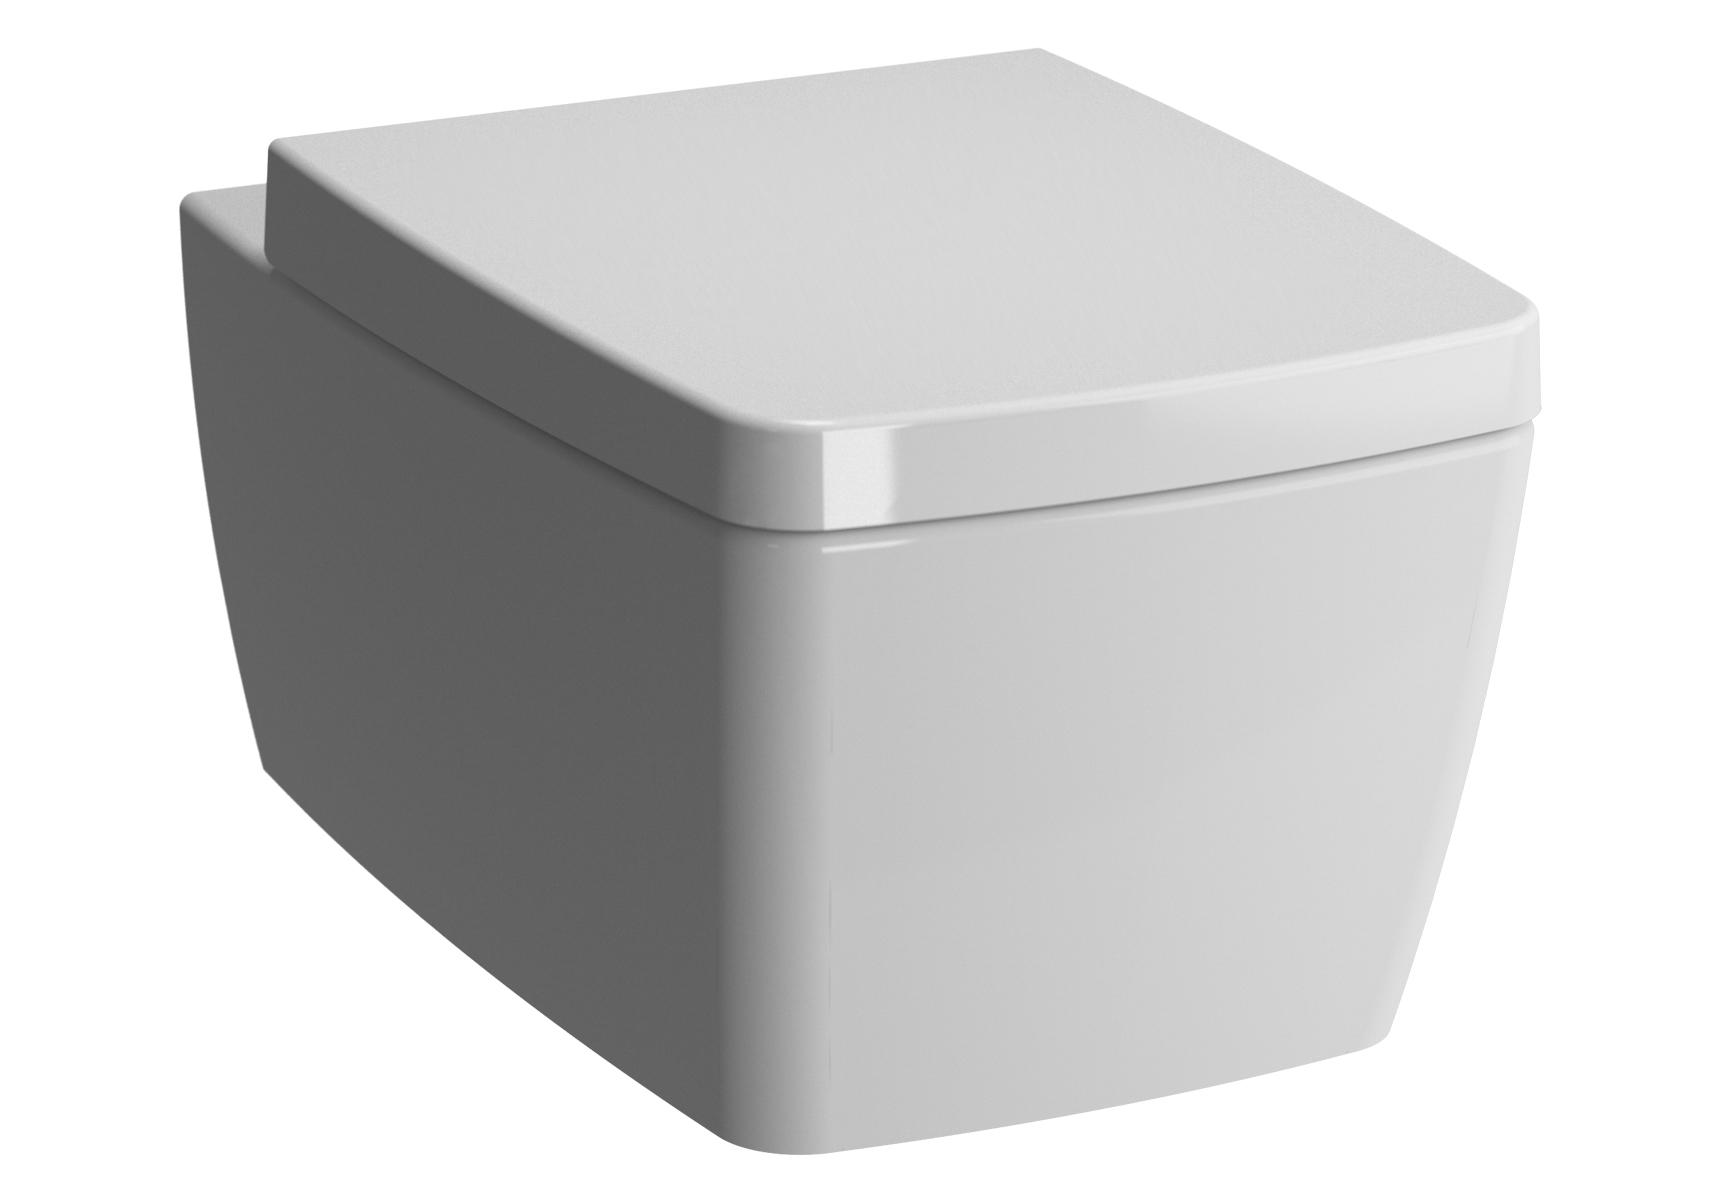 Metropole Wand-WC mit Bidetfunktion/Thermostatmischer